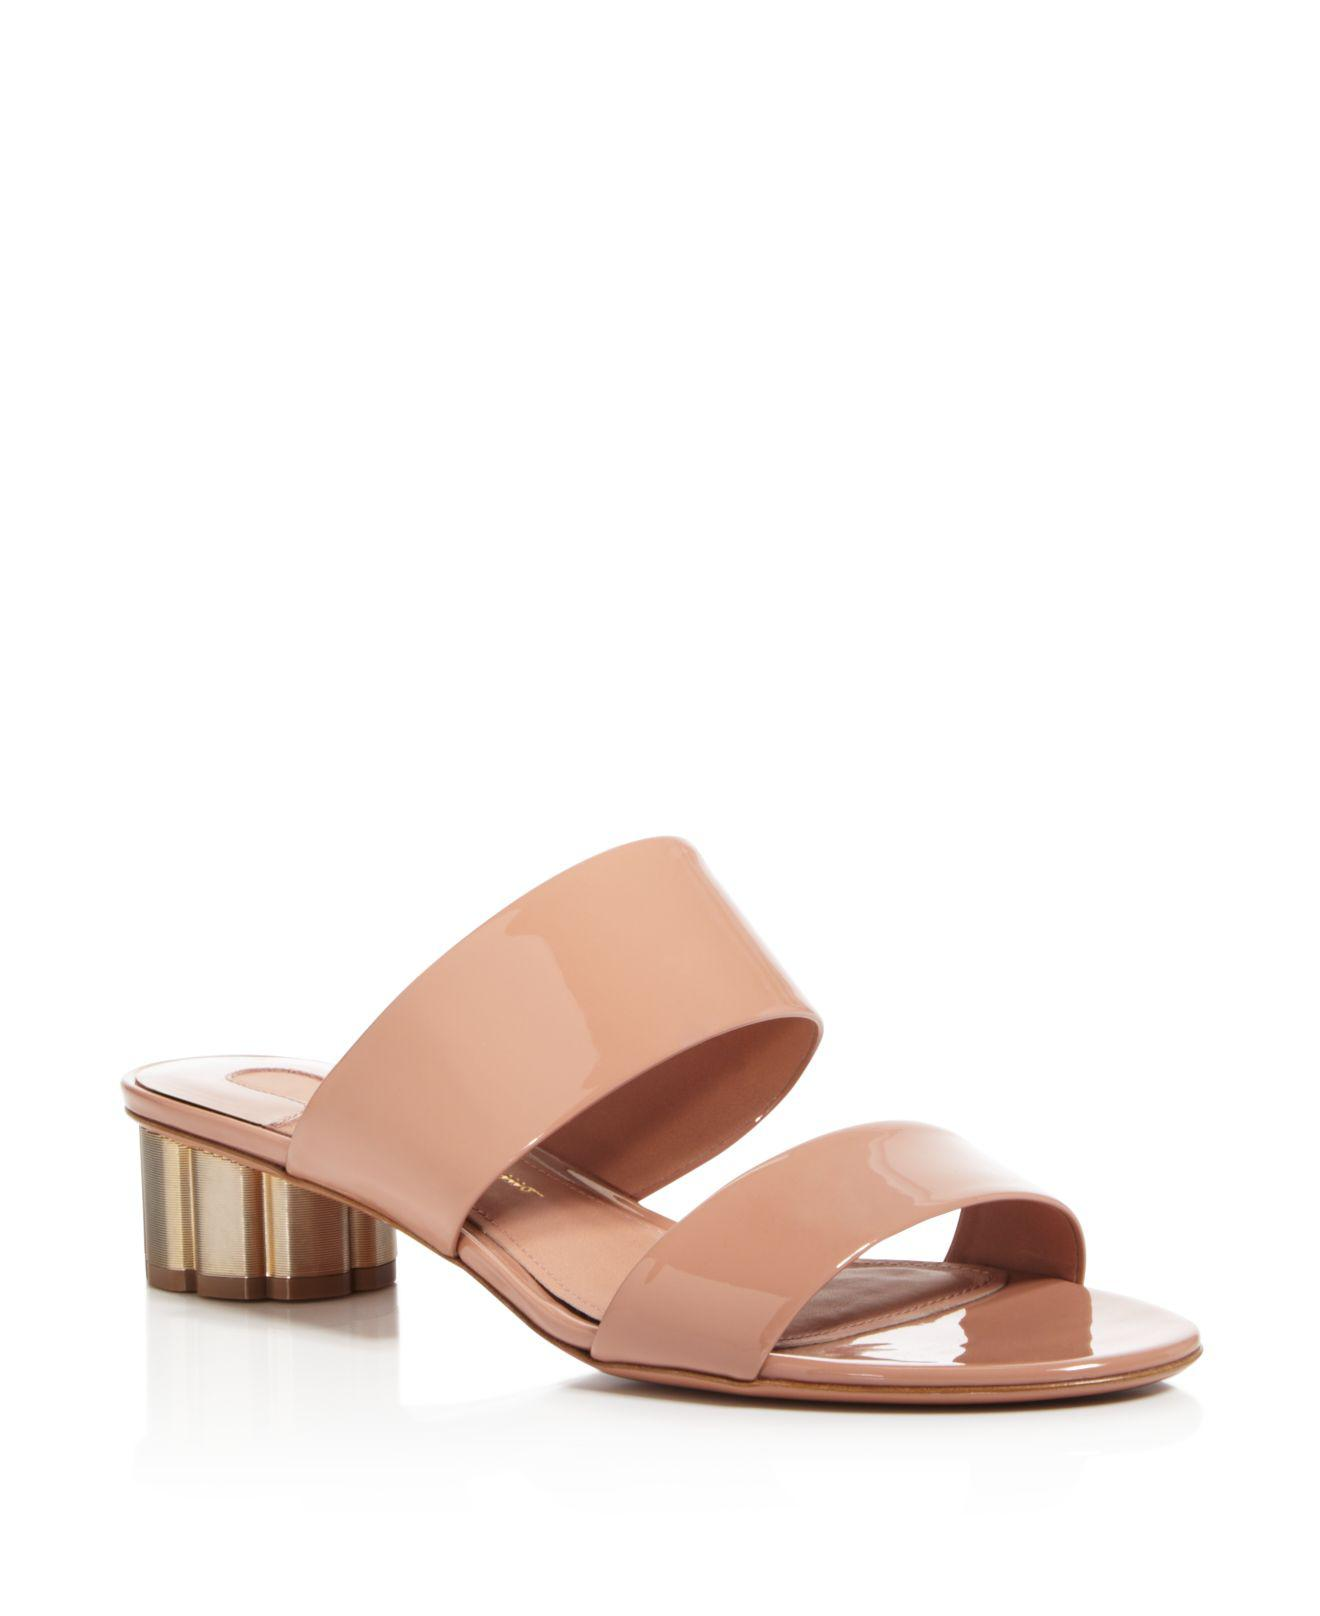 Salvatore Ferragamo Women's Floral Heel Slide Sandals